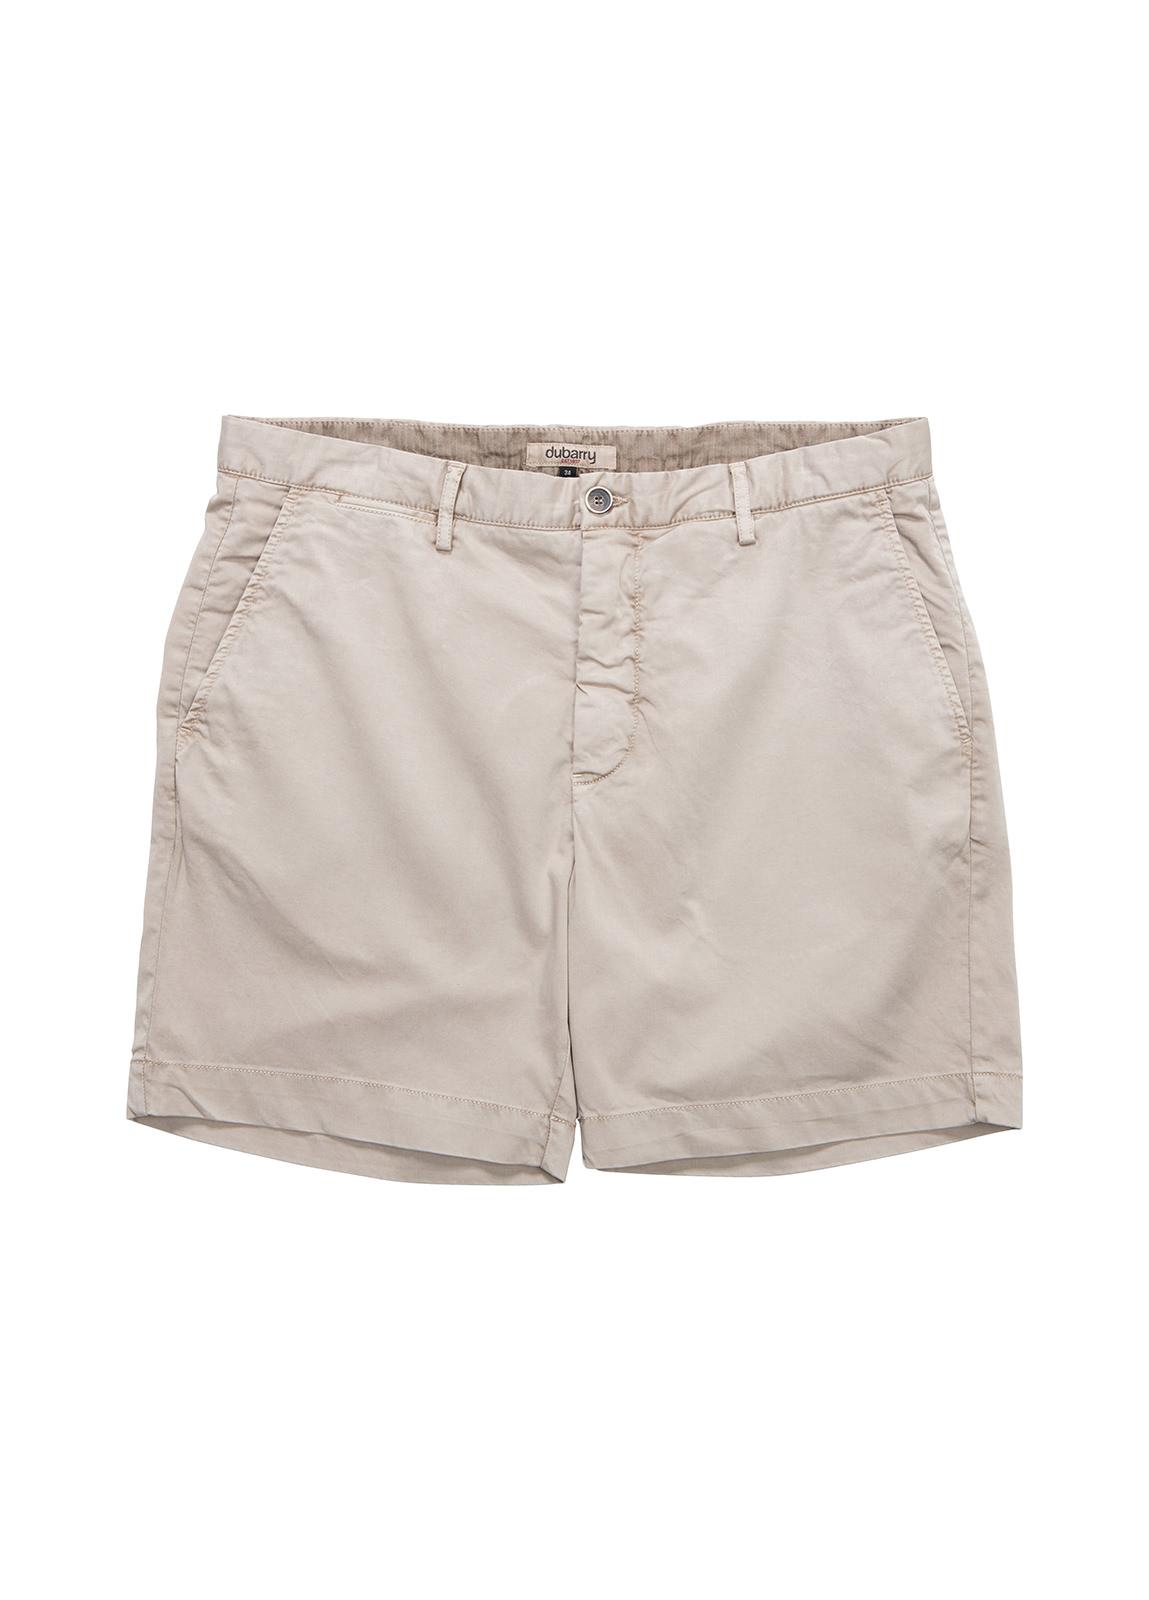 Glandore Men's Shorts - Tan